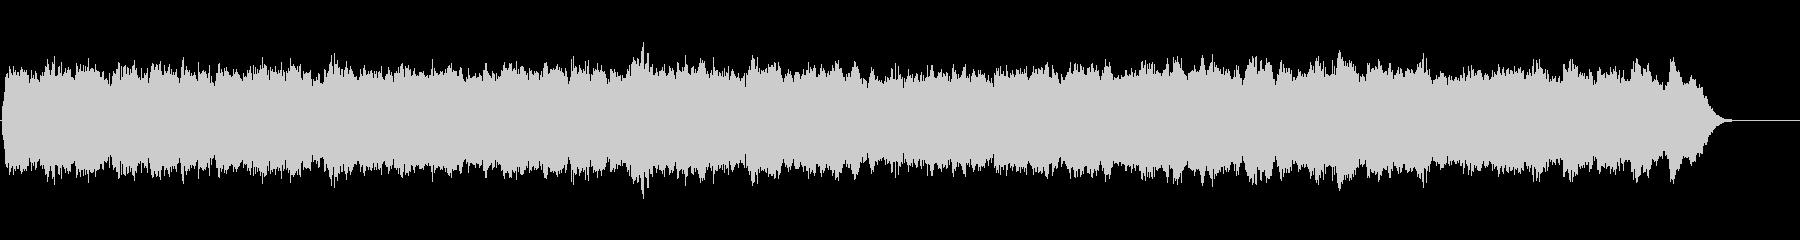 パイプオルガンの荘厳なオリジナル讃美歌の未再生の波形